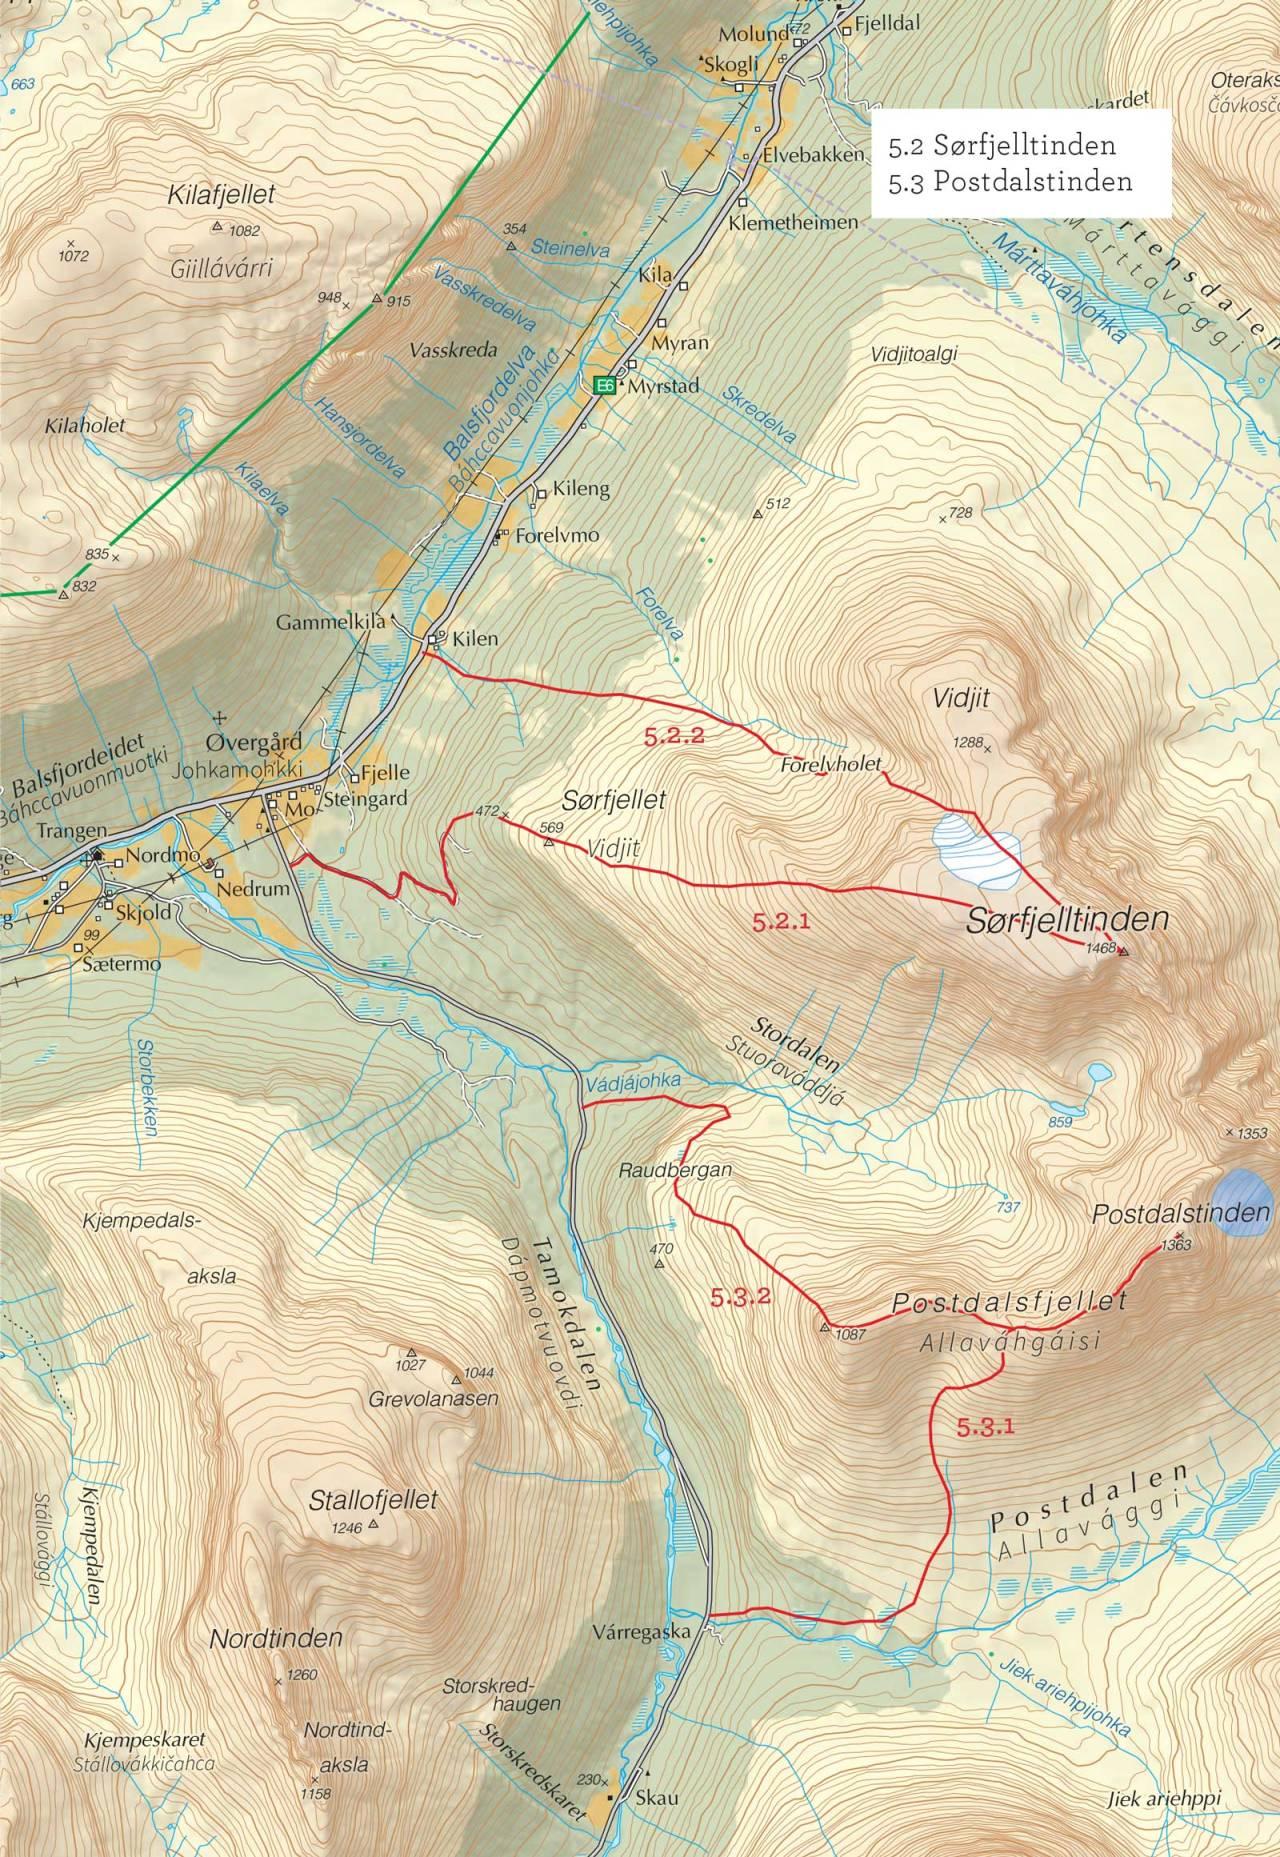 Oversiktskart over Postdalstinden med inntegnet rute. Fra Toppturer i Troms.